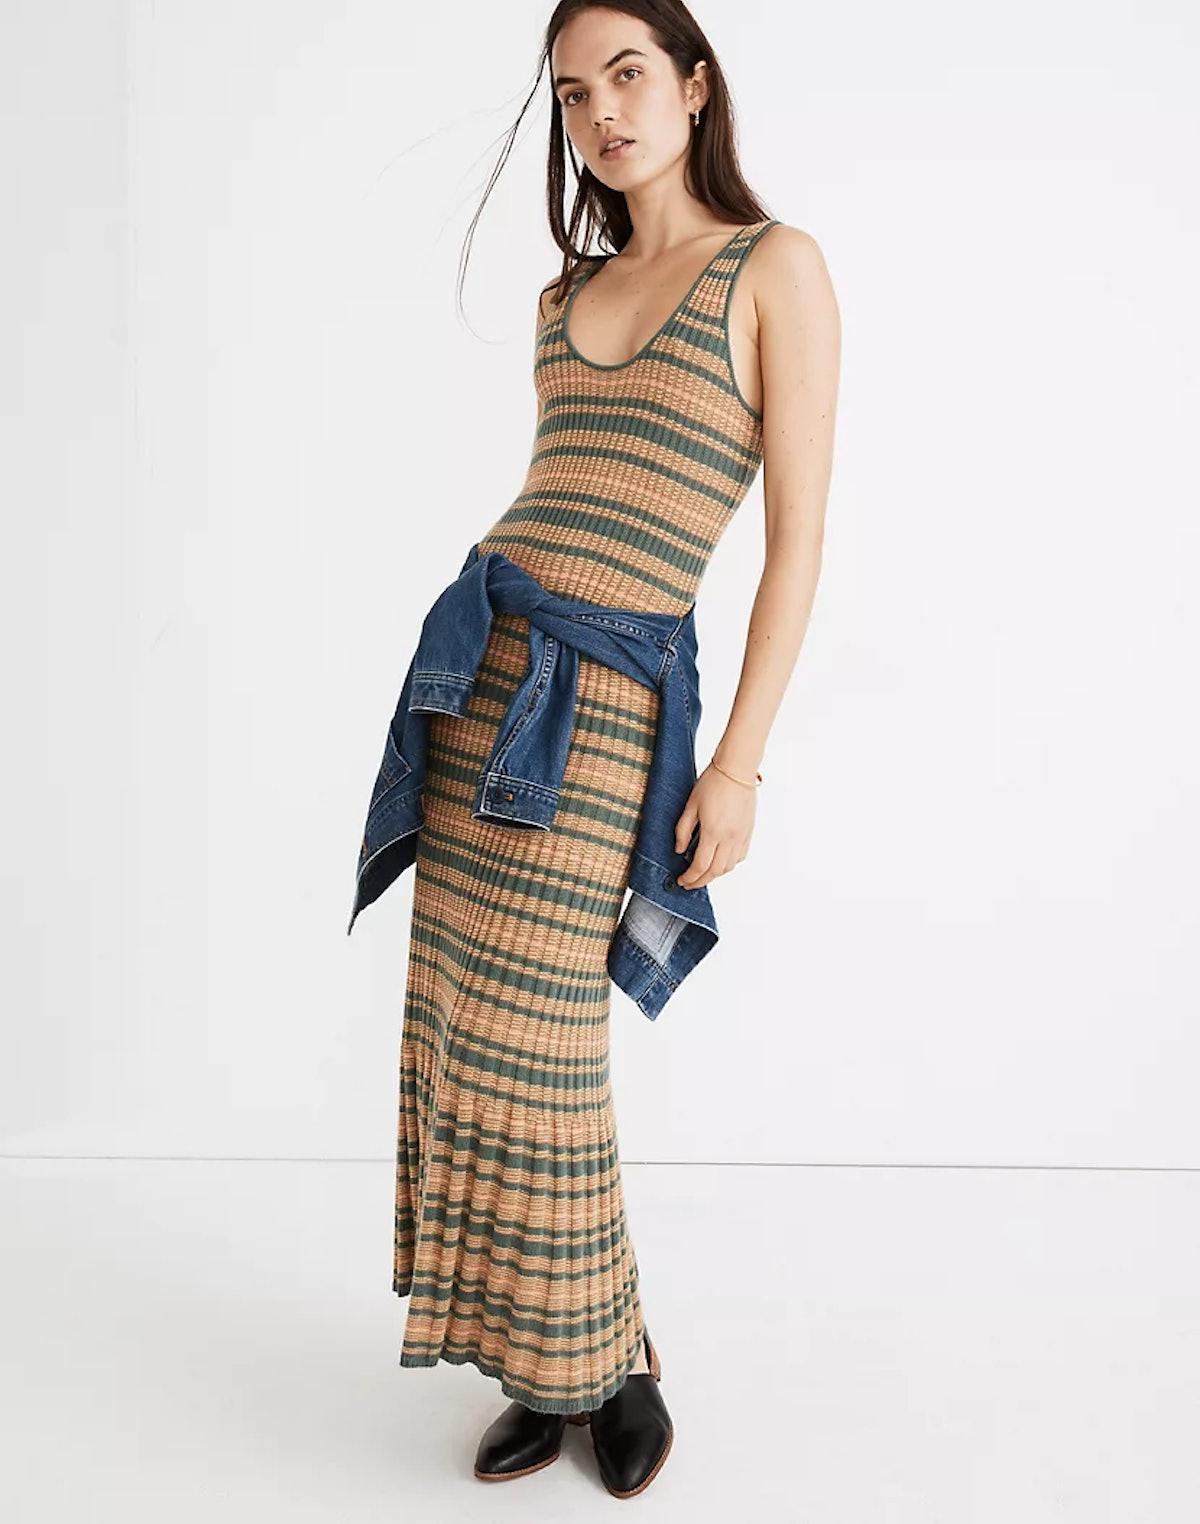 Madewell Striped Tank Sweater Dress